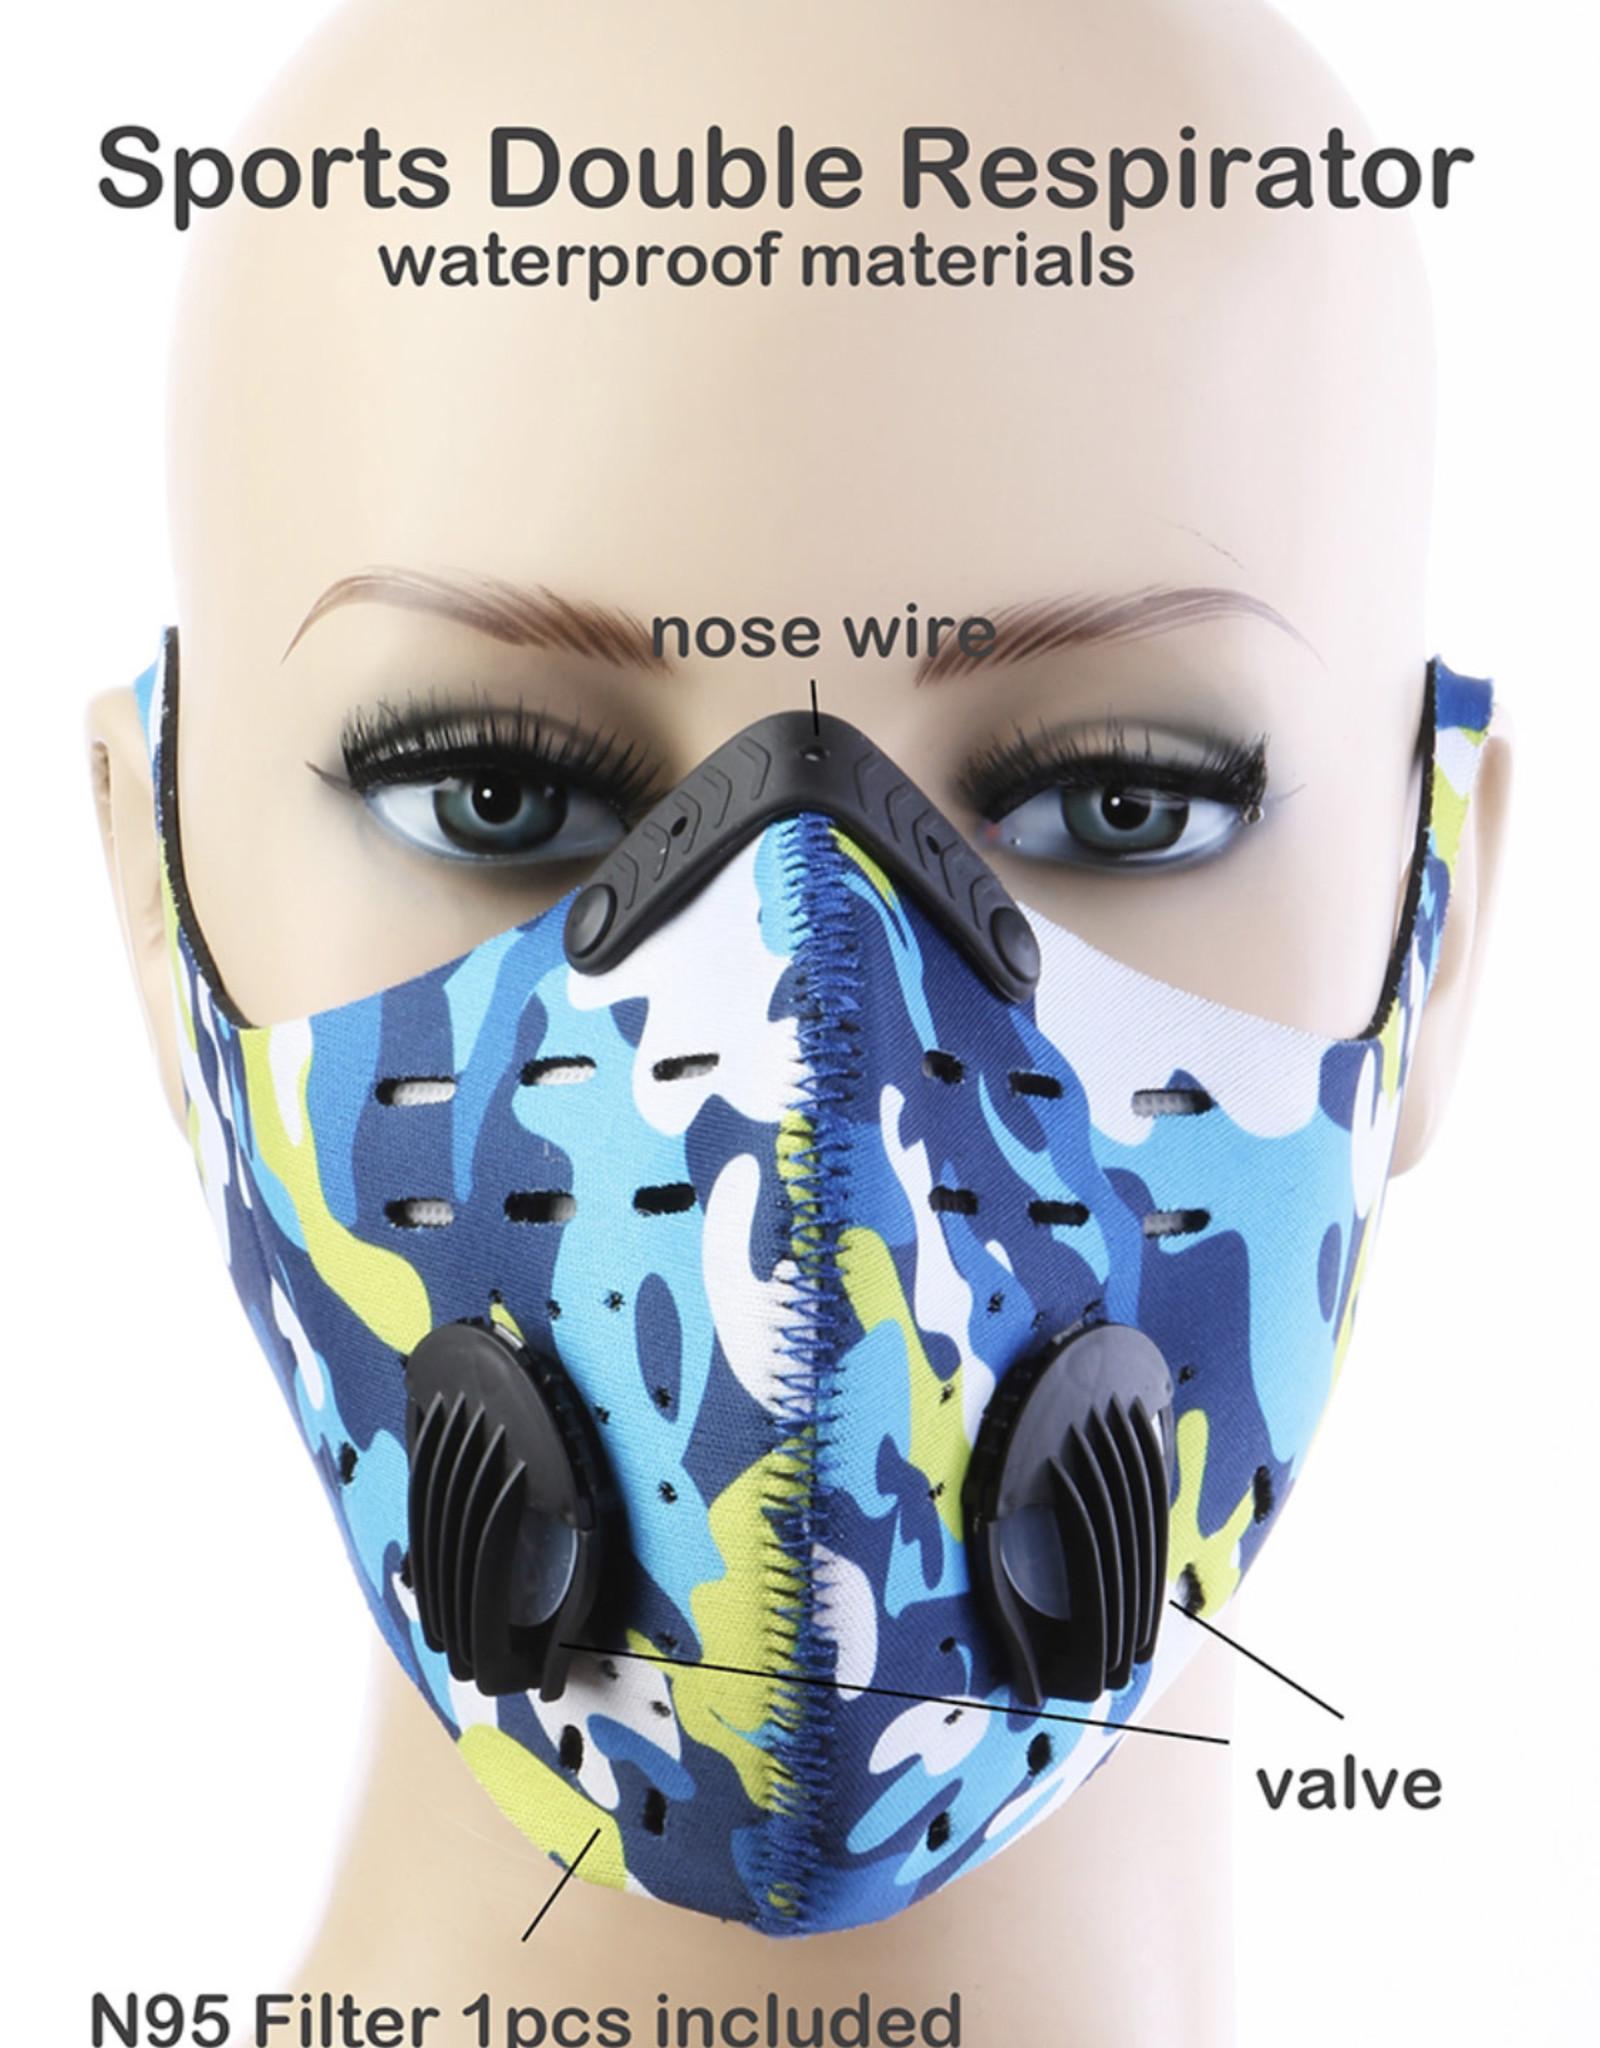 FACE MASK OUTDOOR SPORTS 2 RESPIRATOR VALVE W KN95 FILTER BLUE GREEN SPOT WATERPROOF MATERIALS